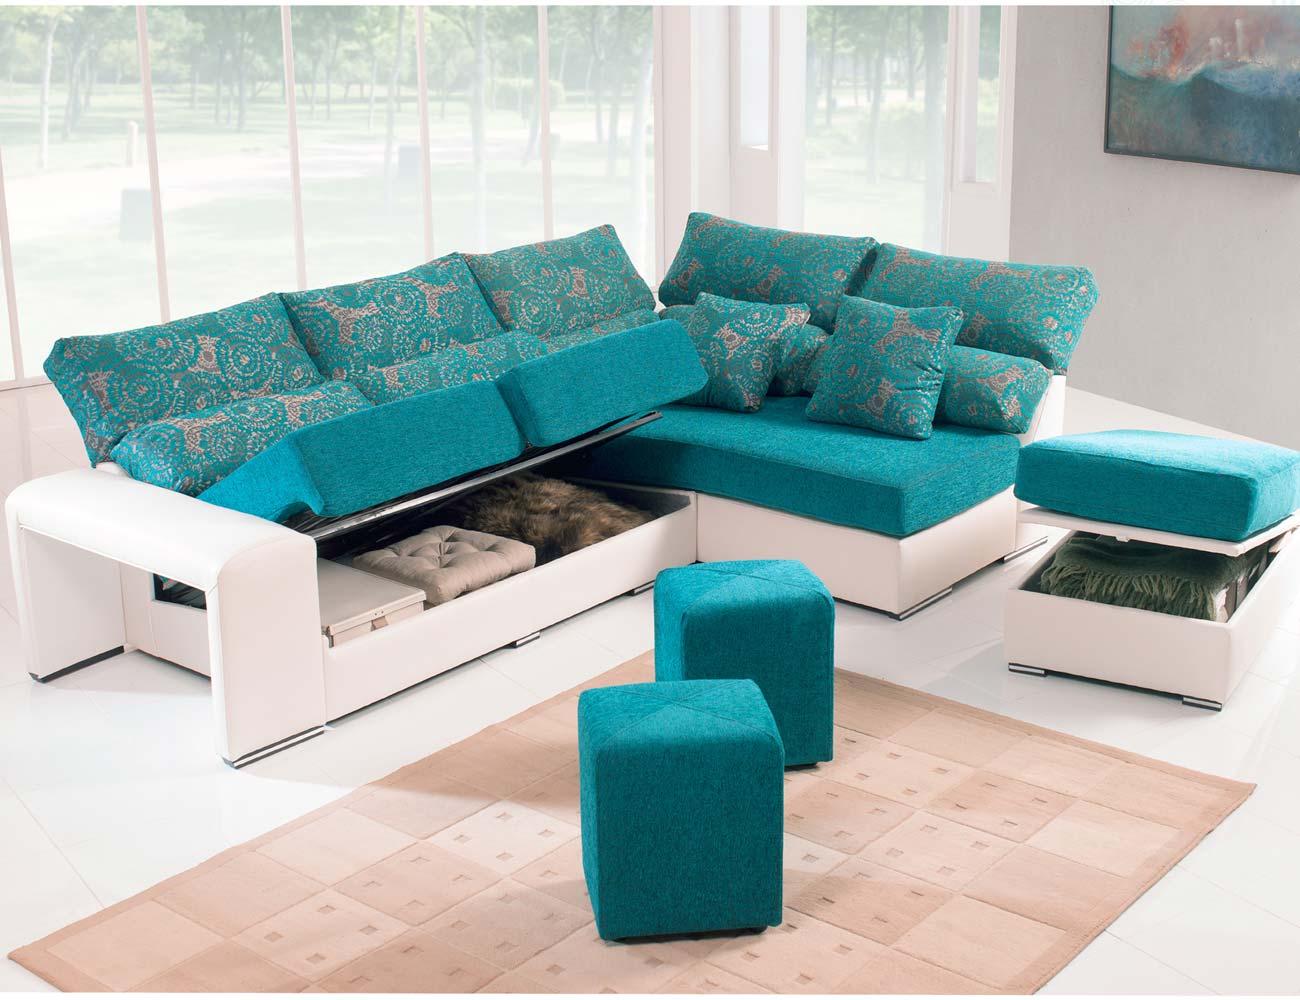 Sofa chaiselongue rincon puff arcon taburete14